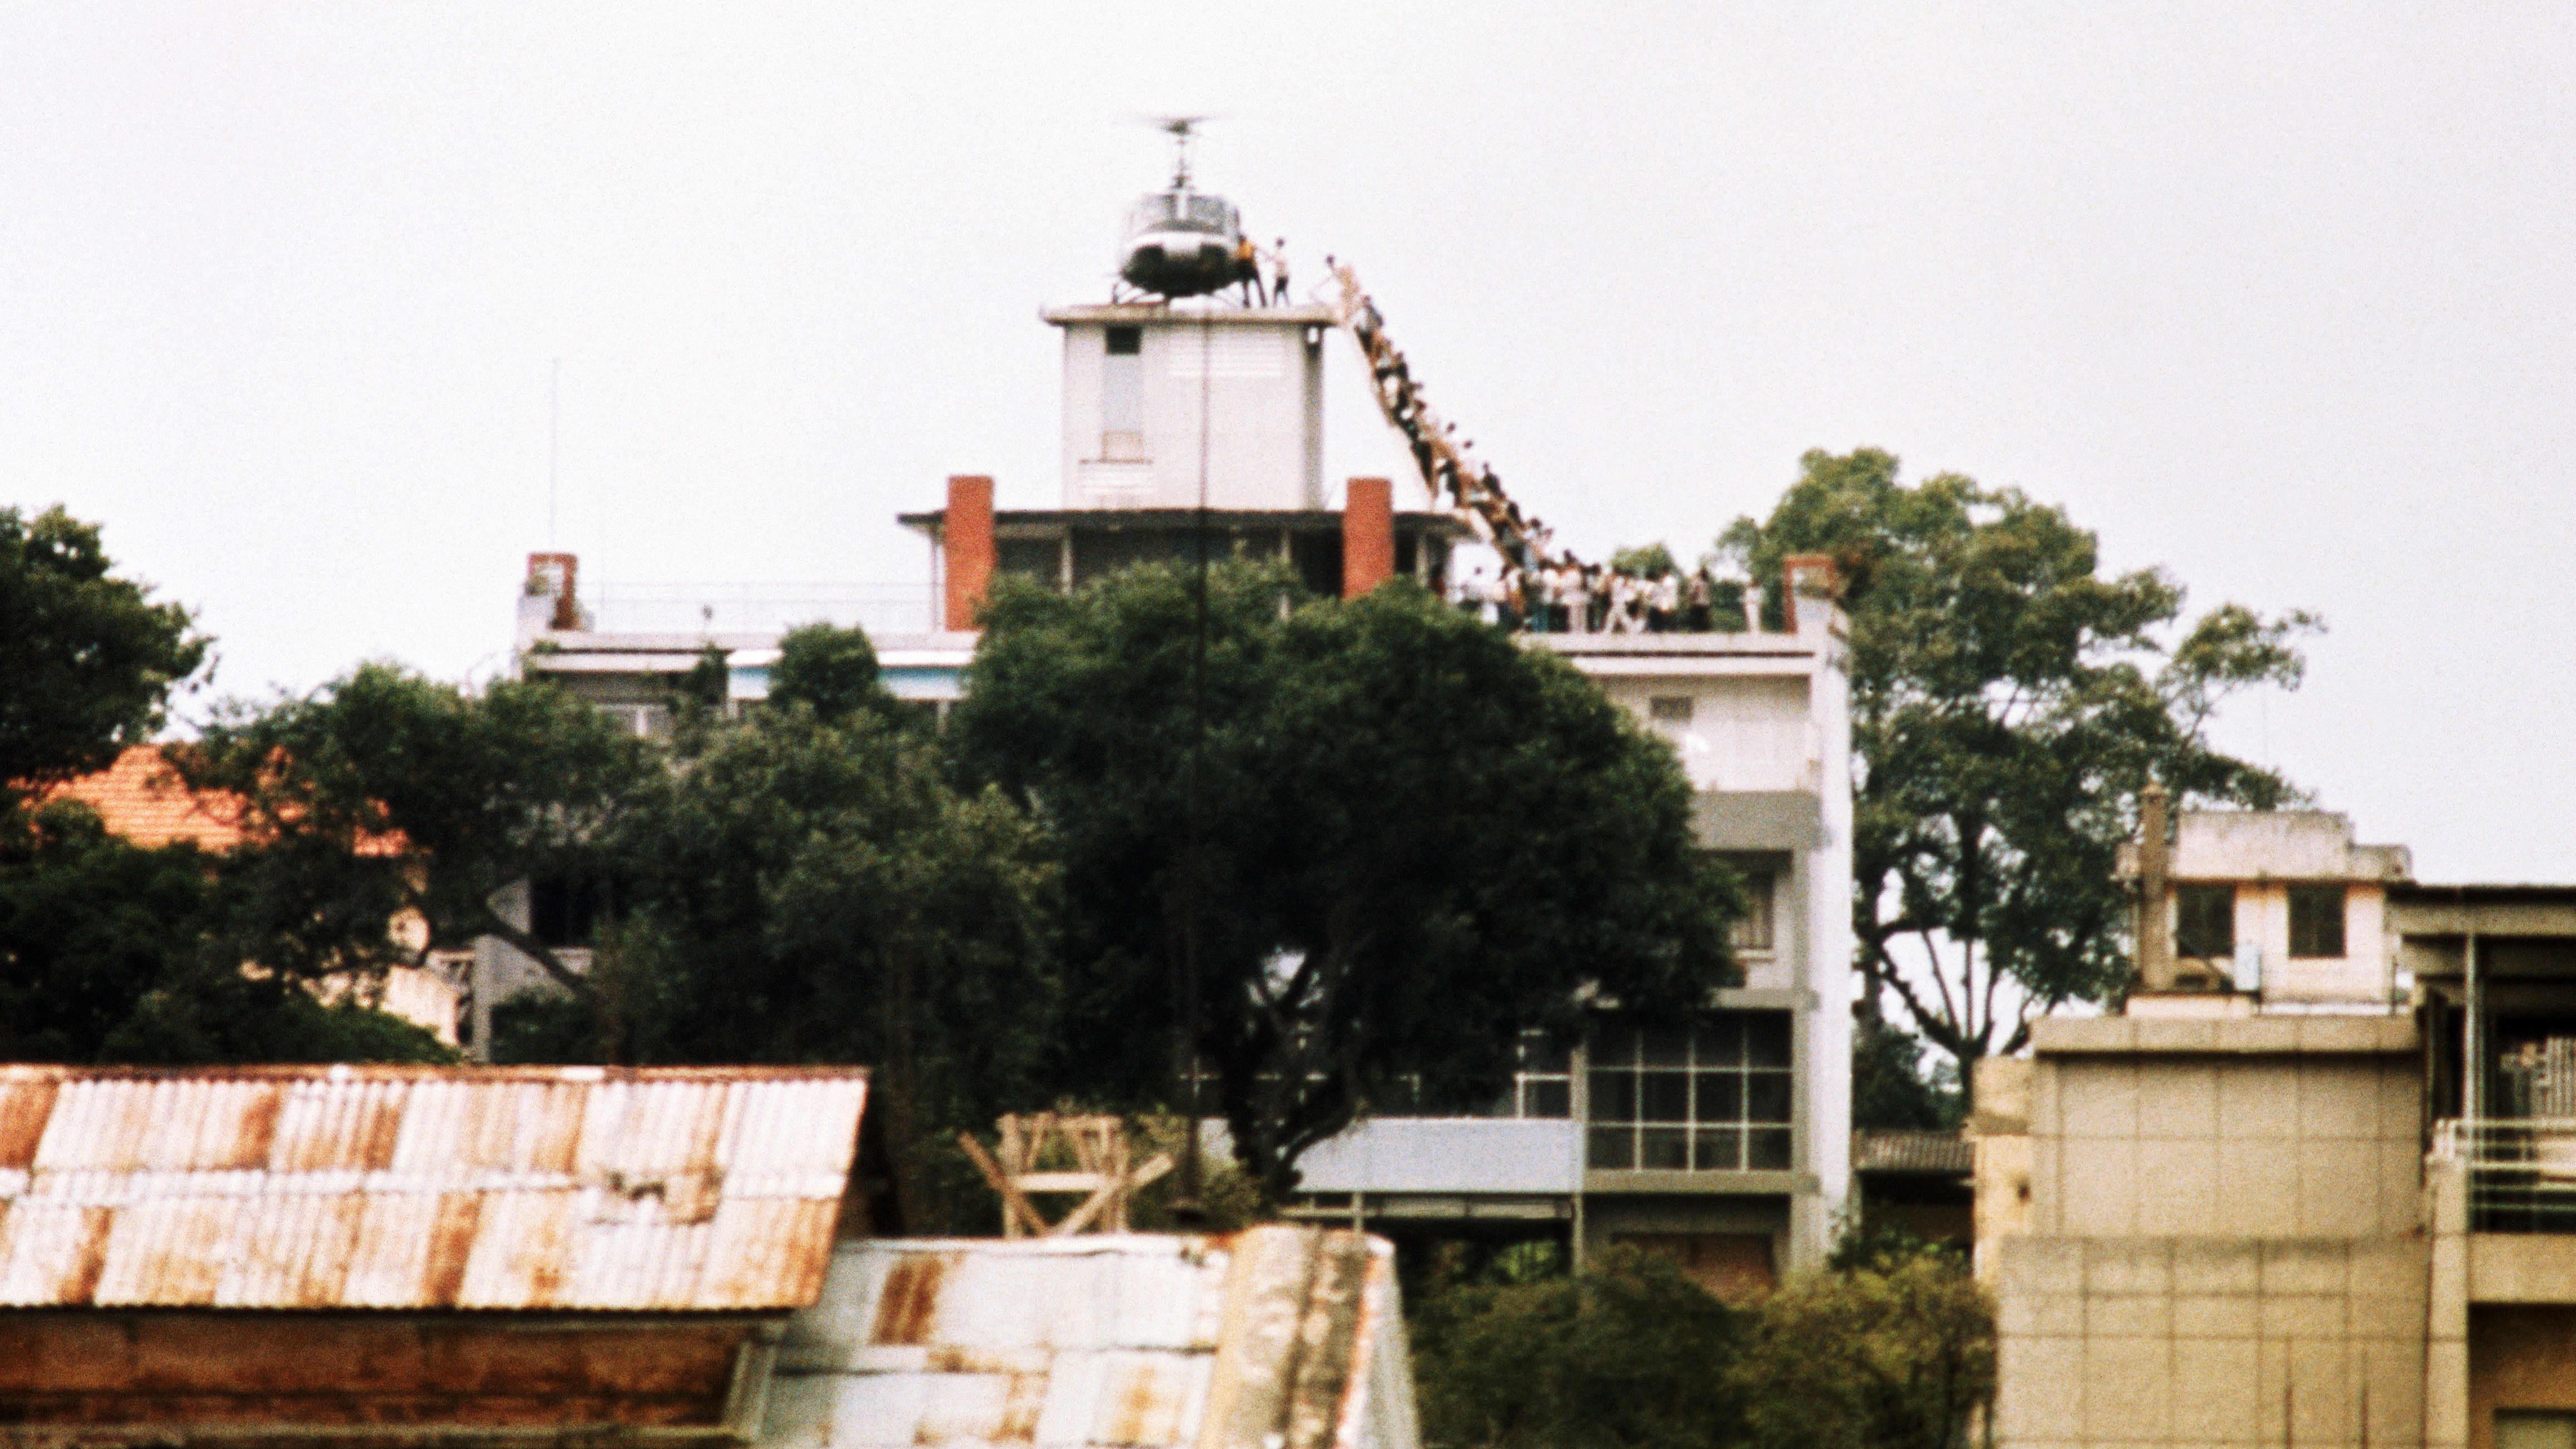 Ihmisiä evakuoidaan talon katolta helikopteriin.